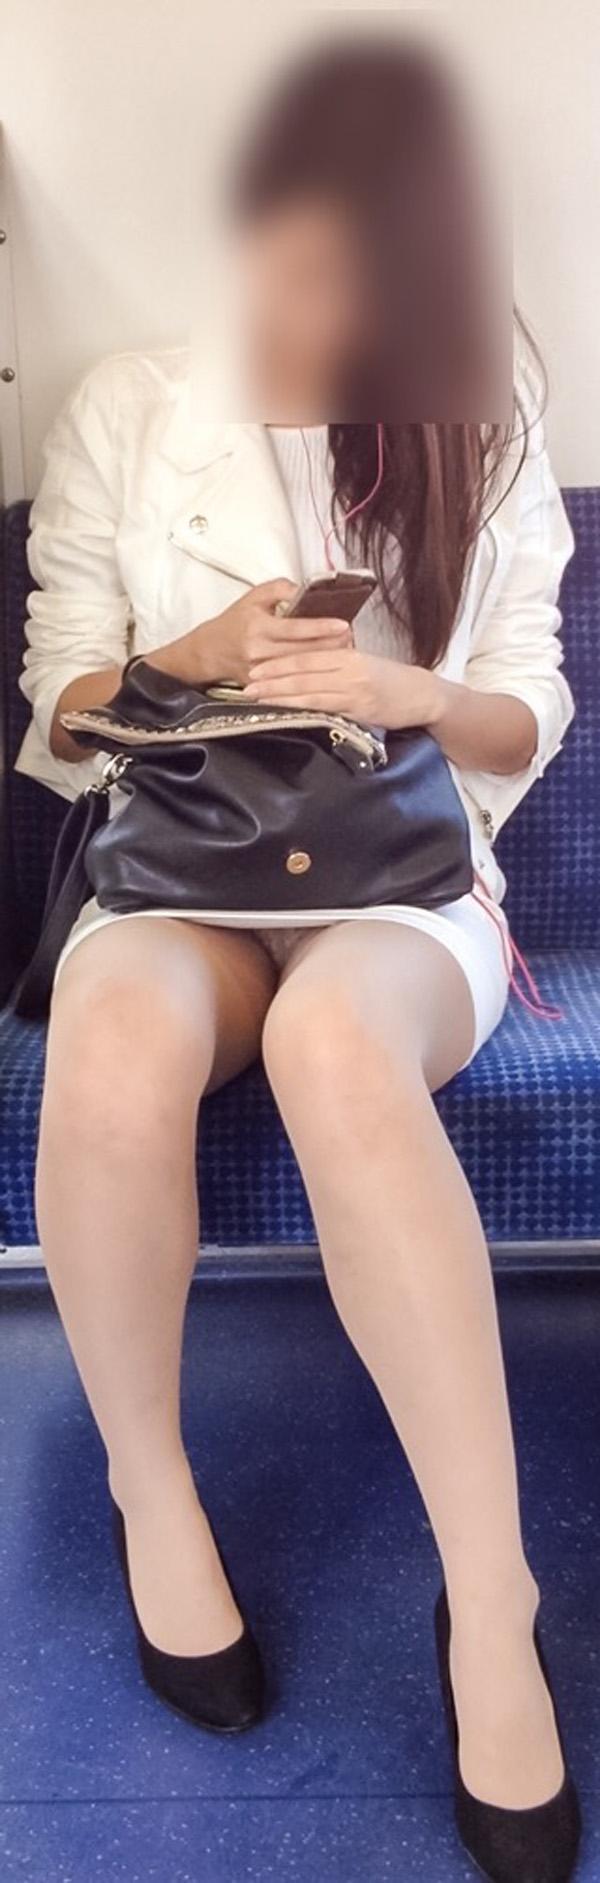 【パンチラエロ画像】対面で見せてくれたら眠気もすっ飛ぶ電車内パンチラwww 09